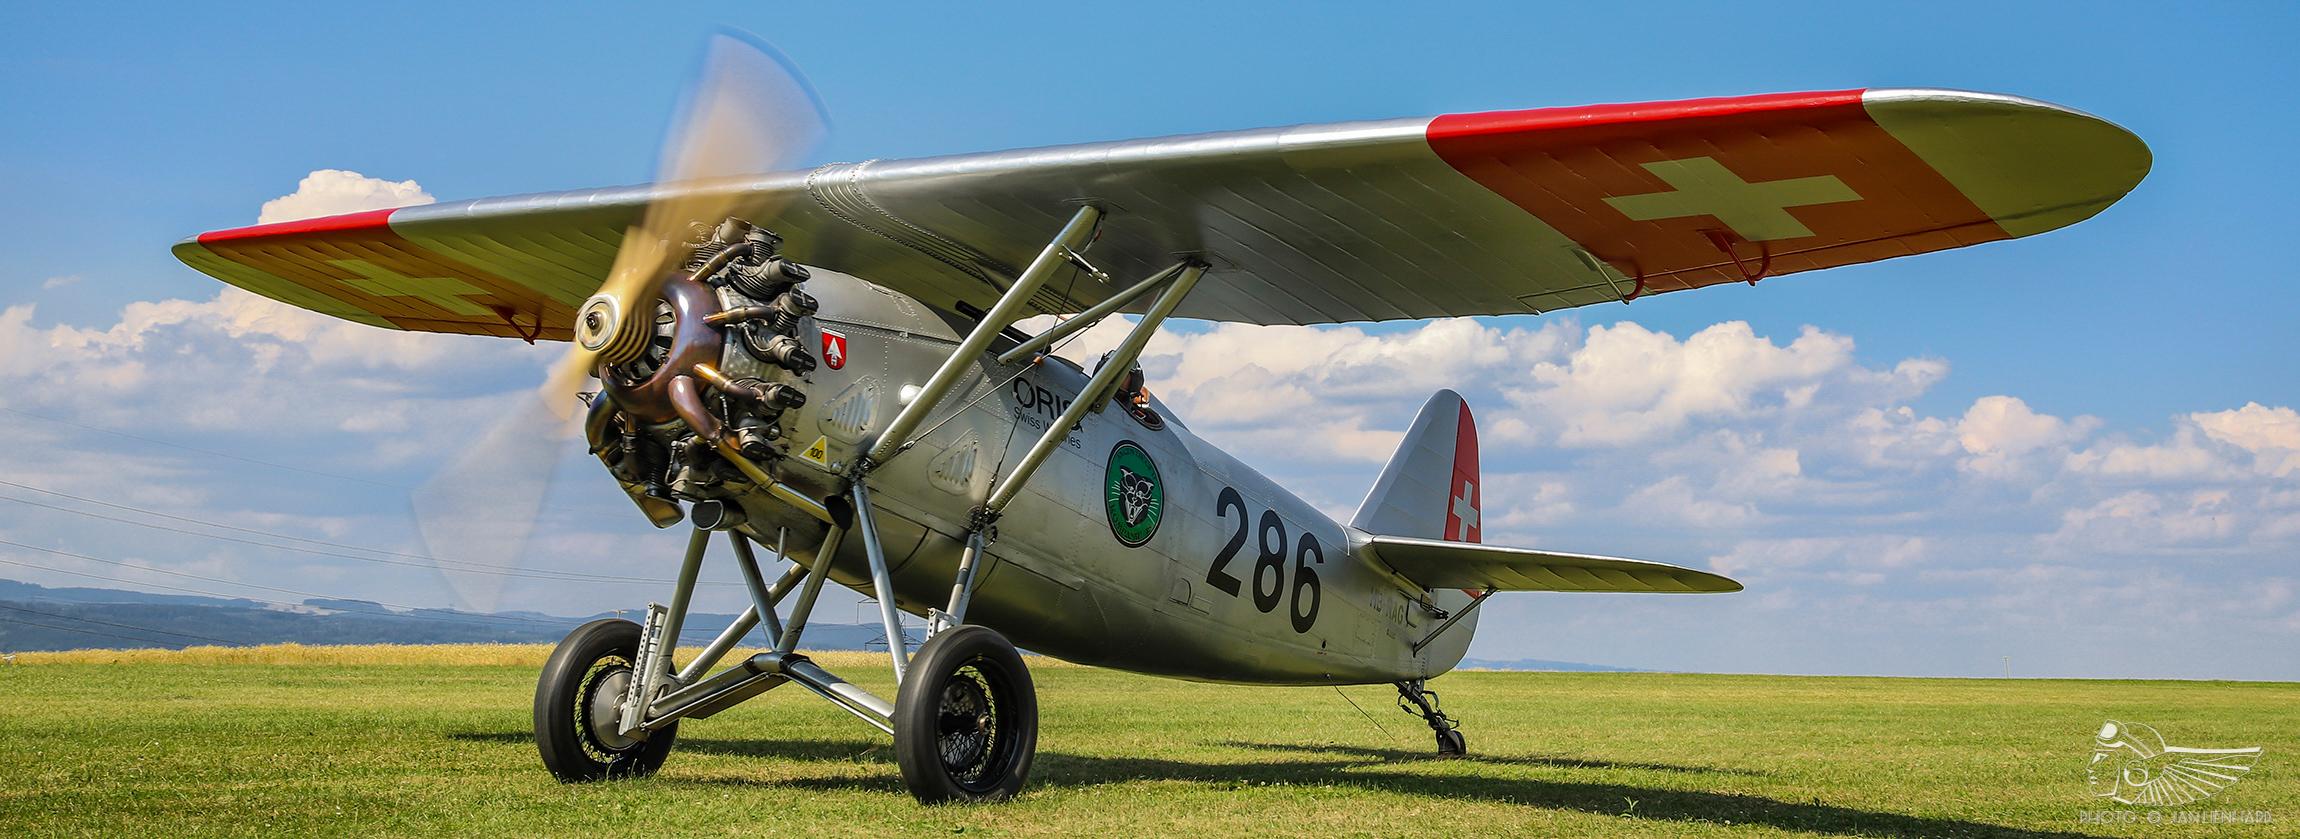 Flying the Dewoitine D.26: An interwar beauty as rare as Edelweiss